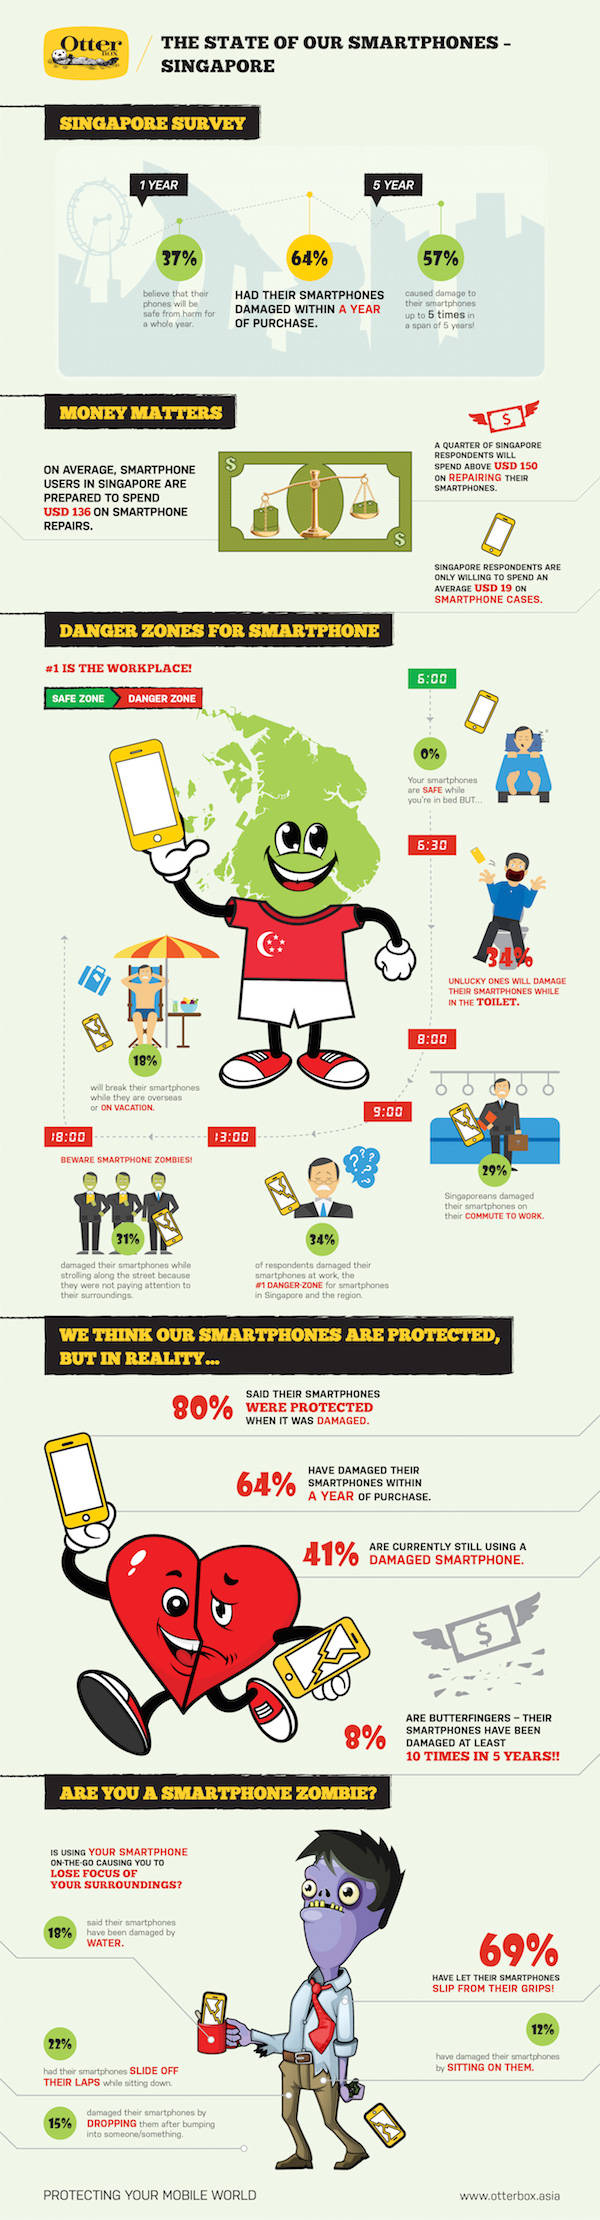 OB_Singapore Infographic_v3